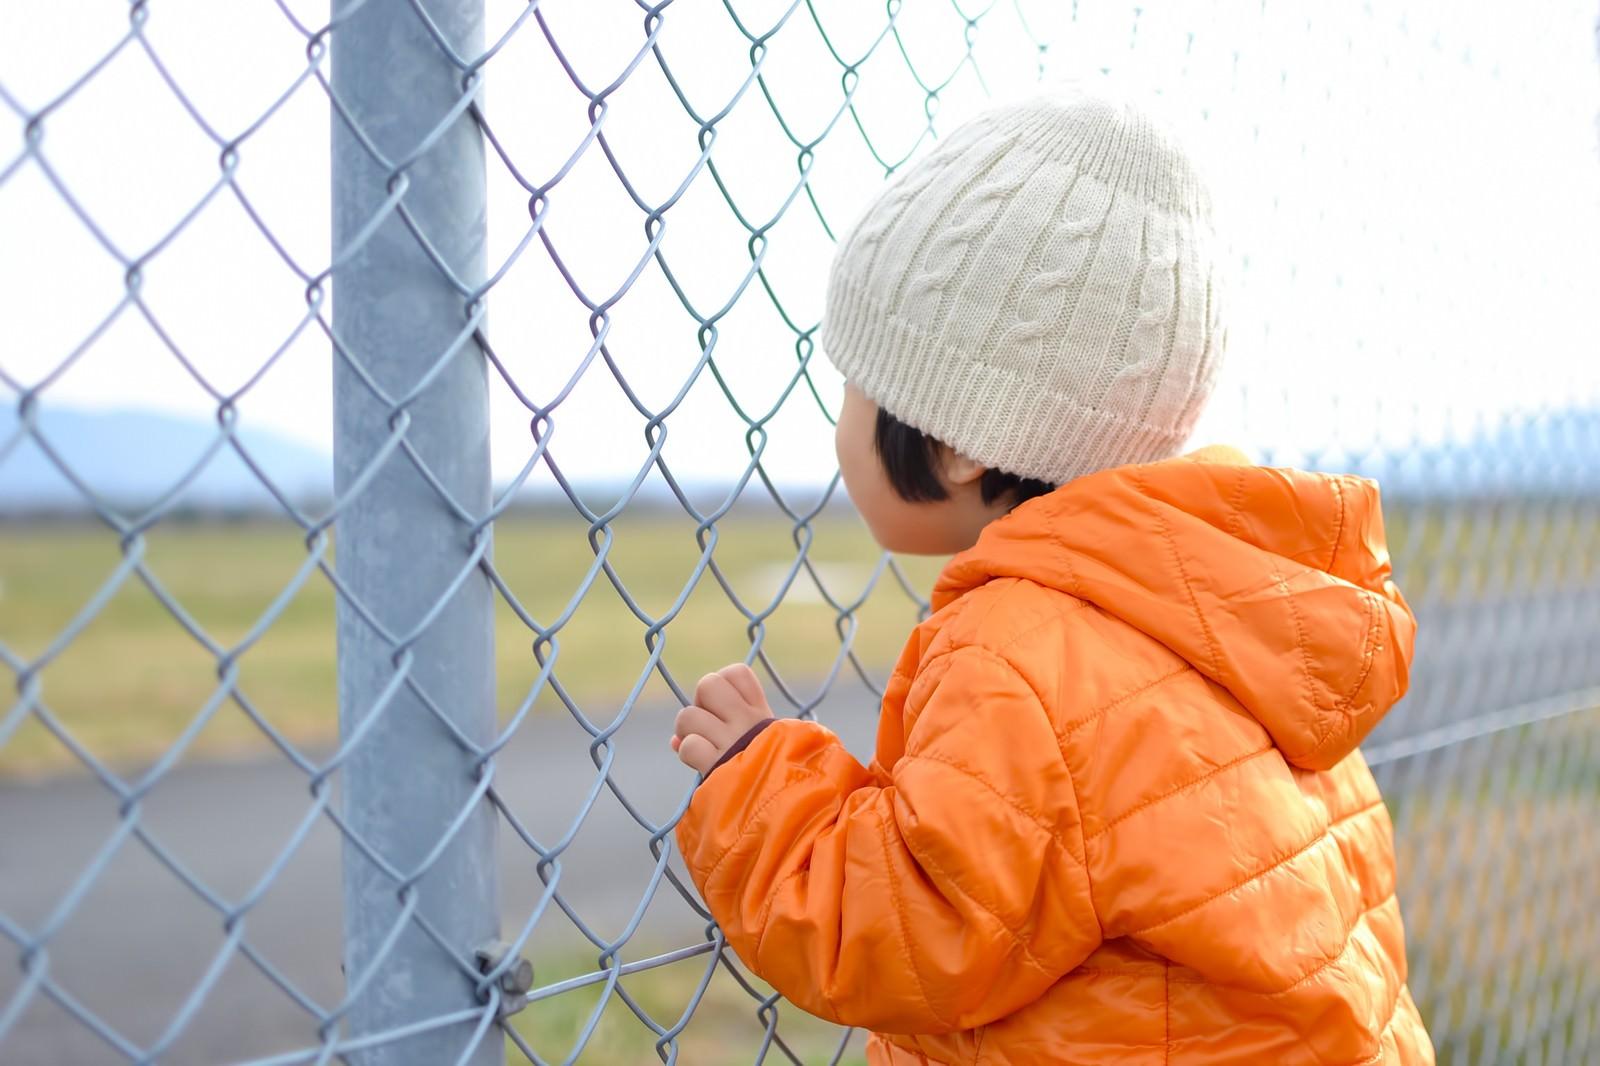 「金網にしがみつく子供」の写真